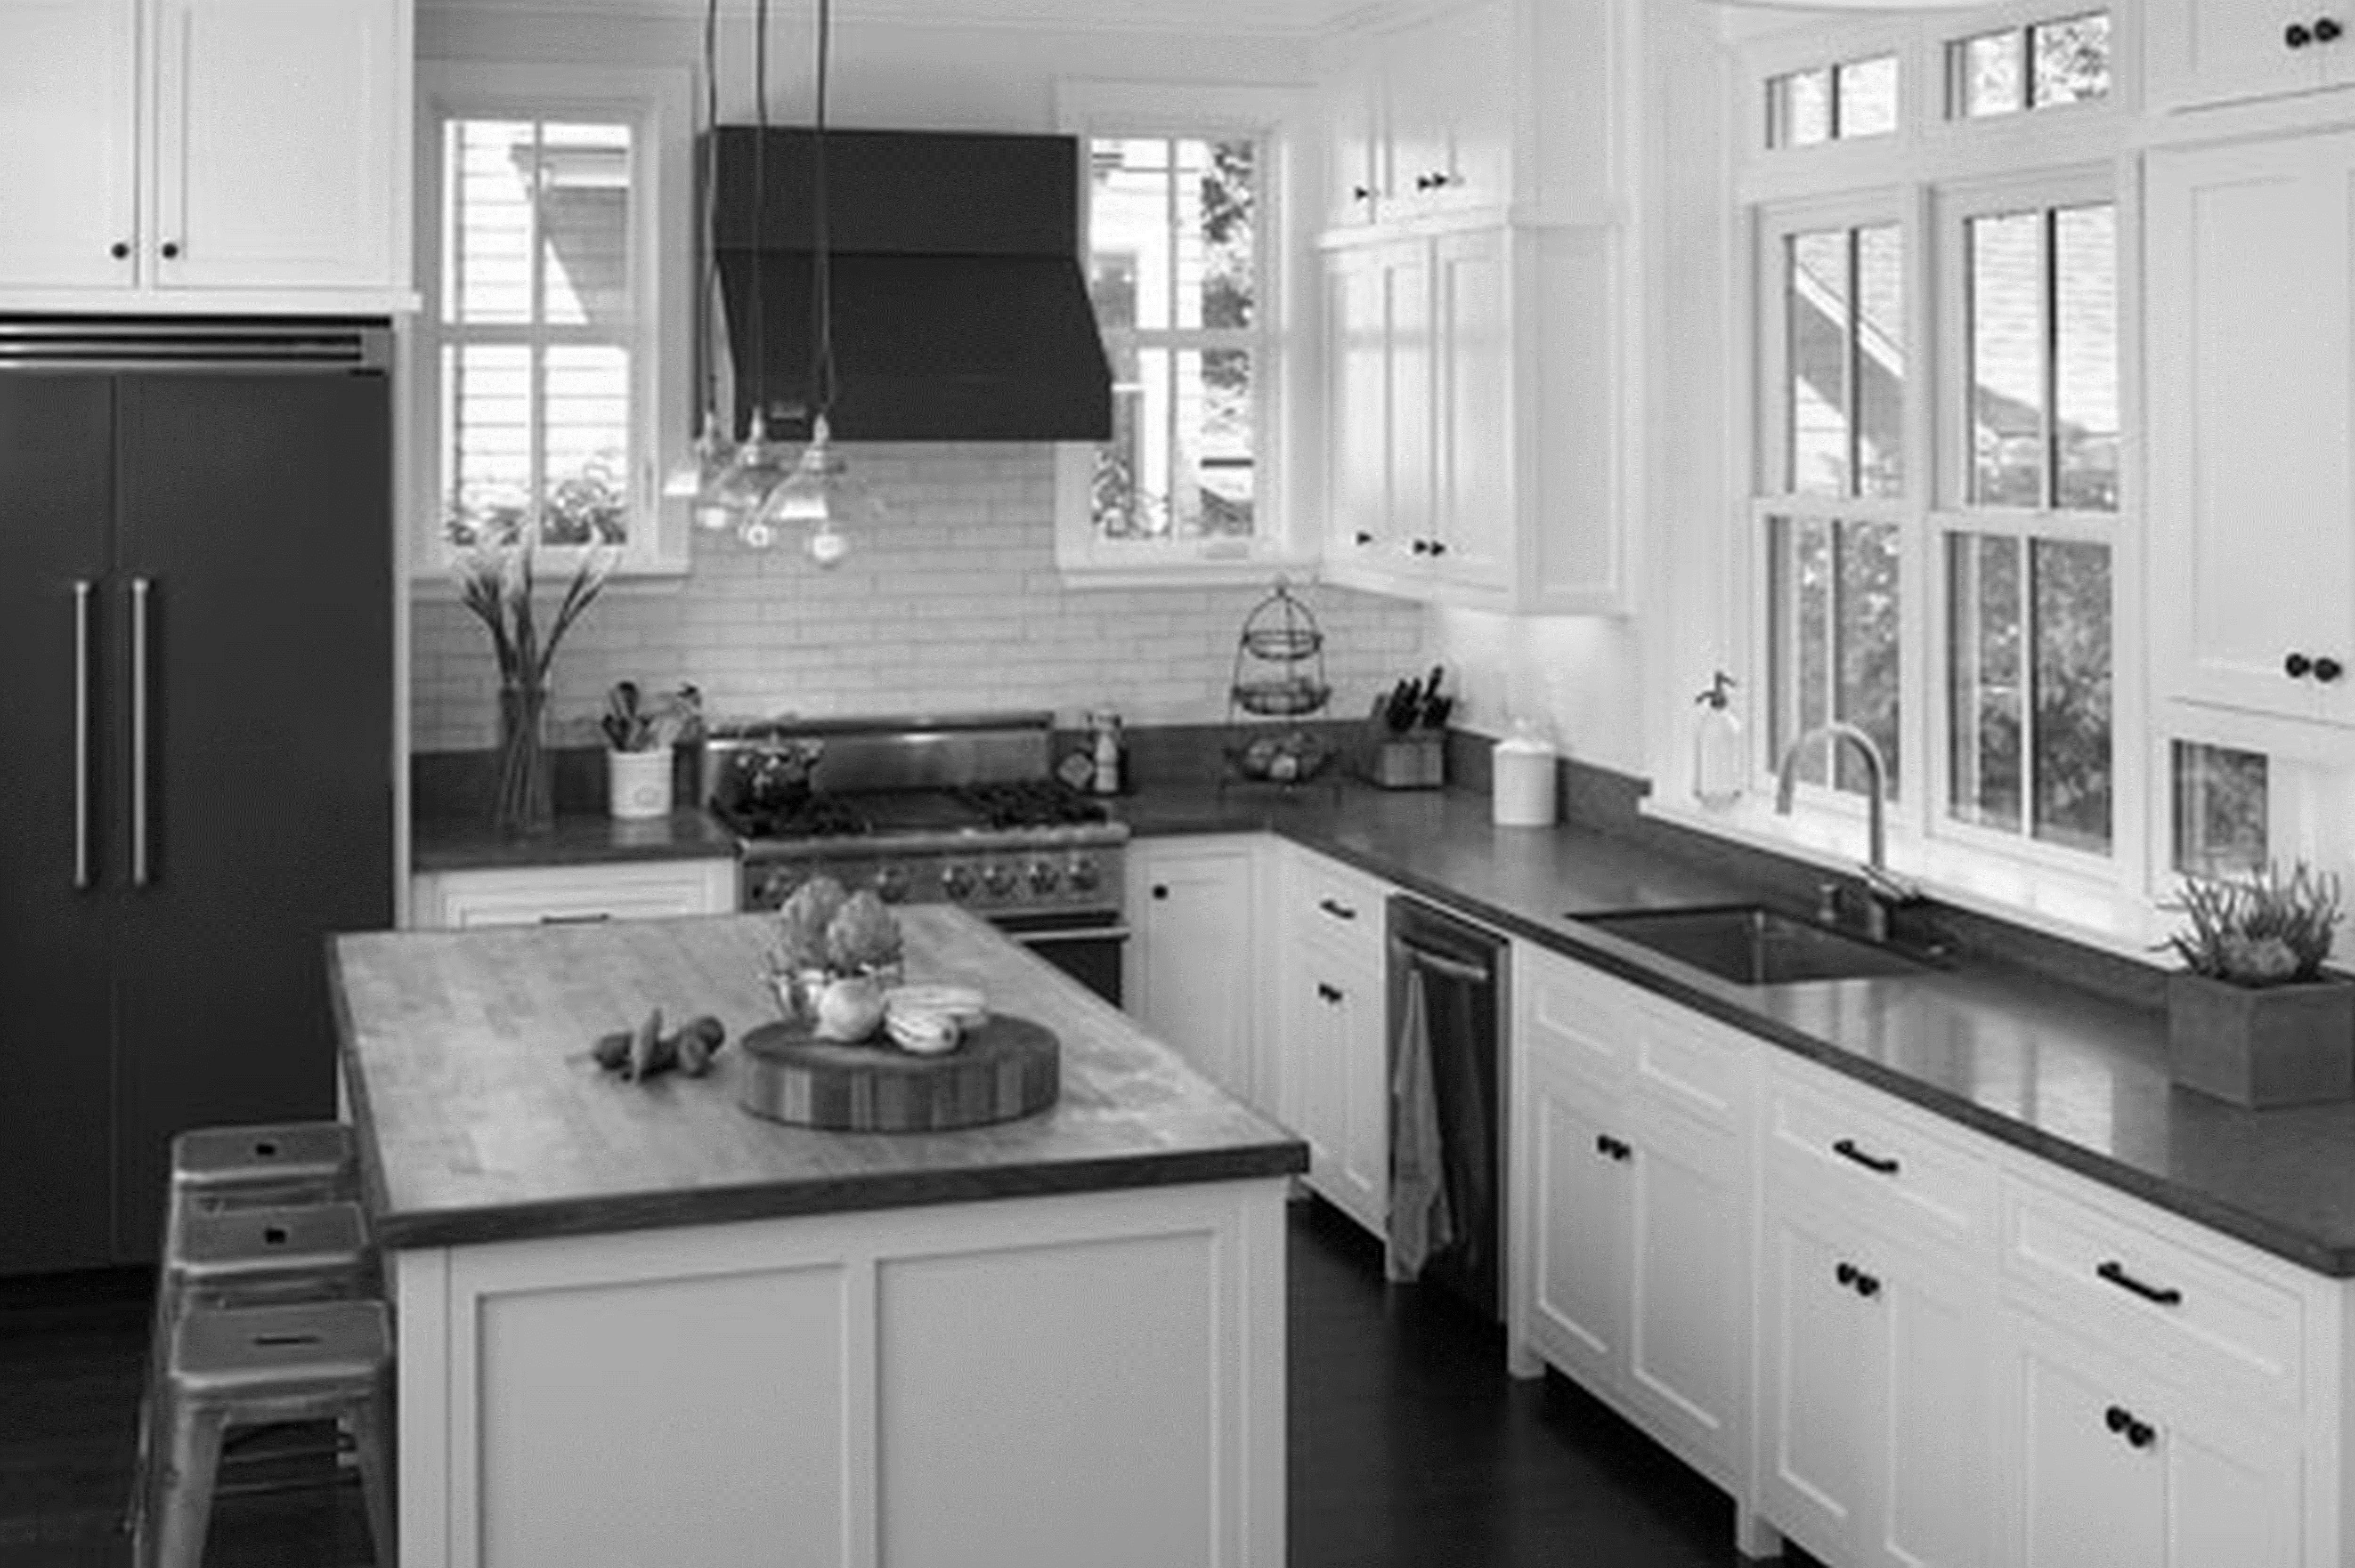 white kitchen designs grey kitchen units white kitchen appliances black stainless steel white on kitchen ideas white and grey id=46409